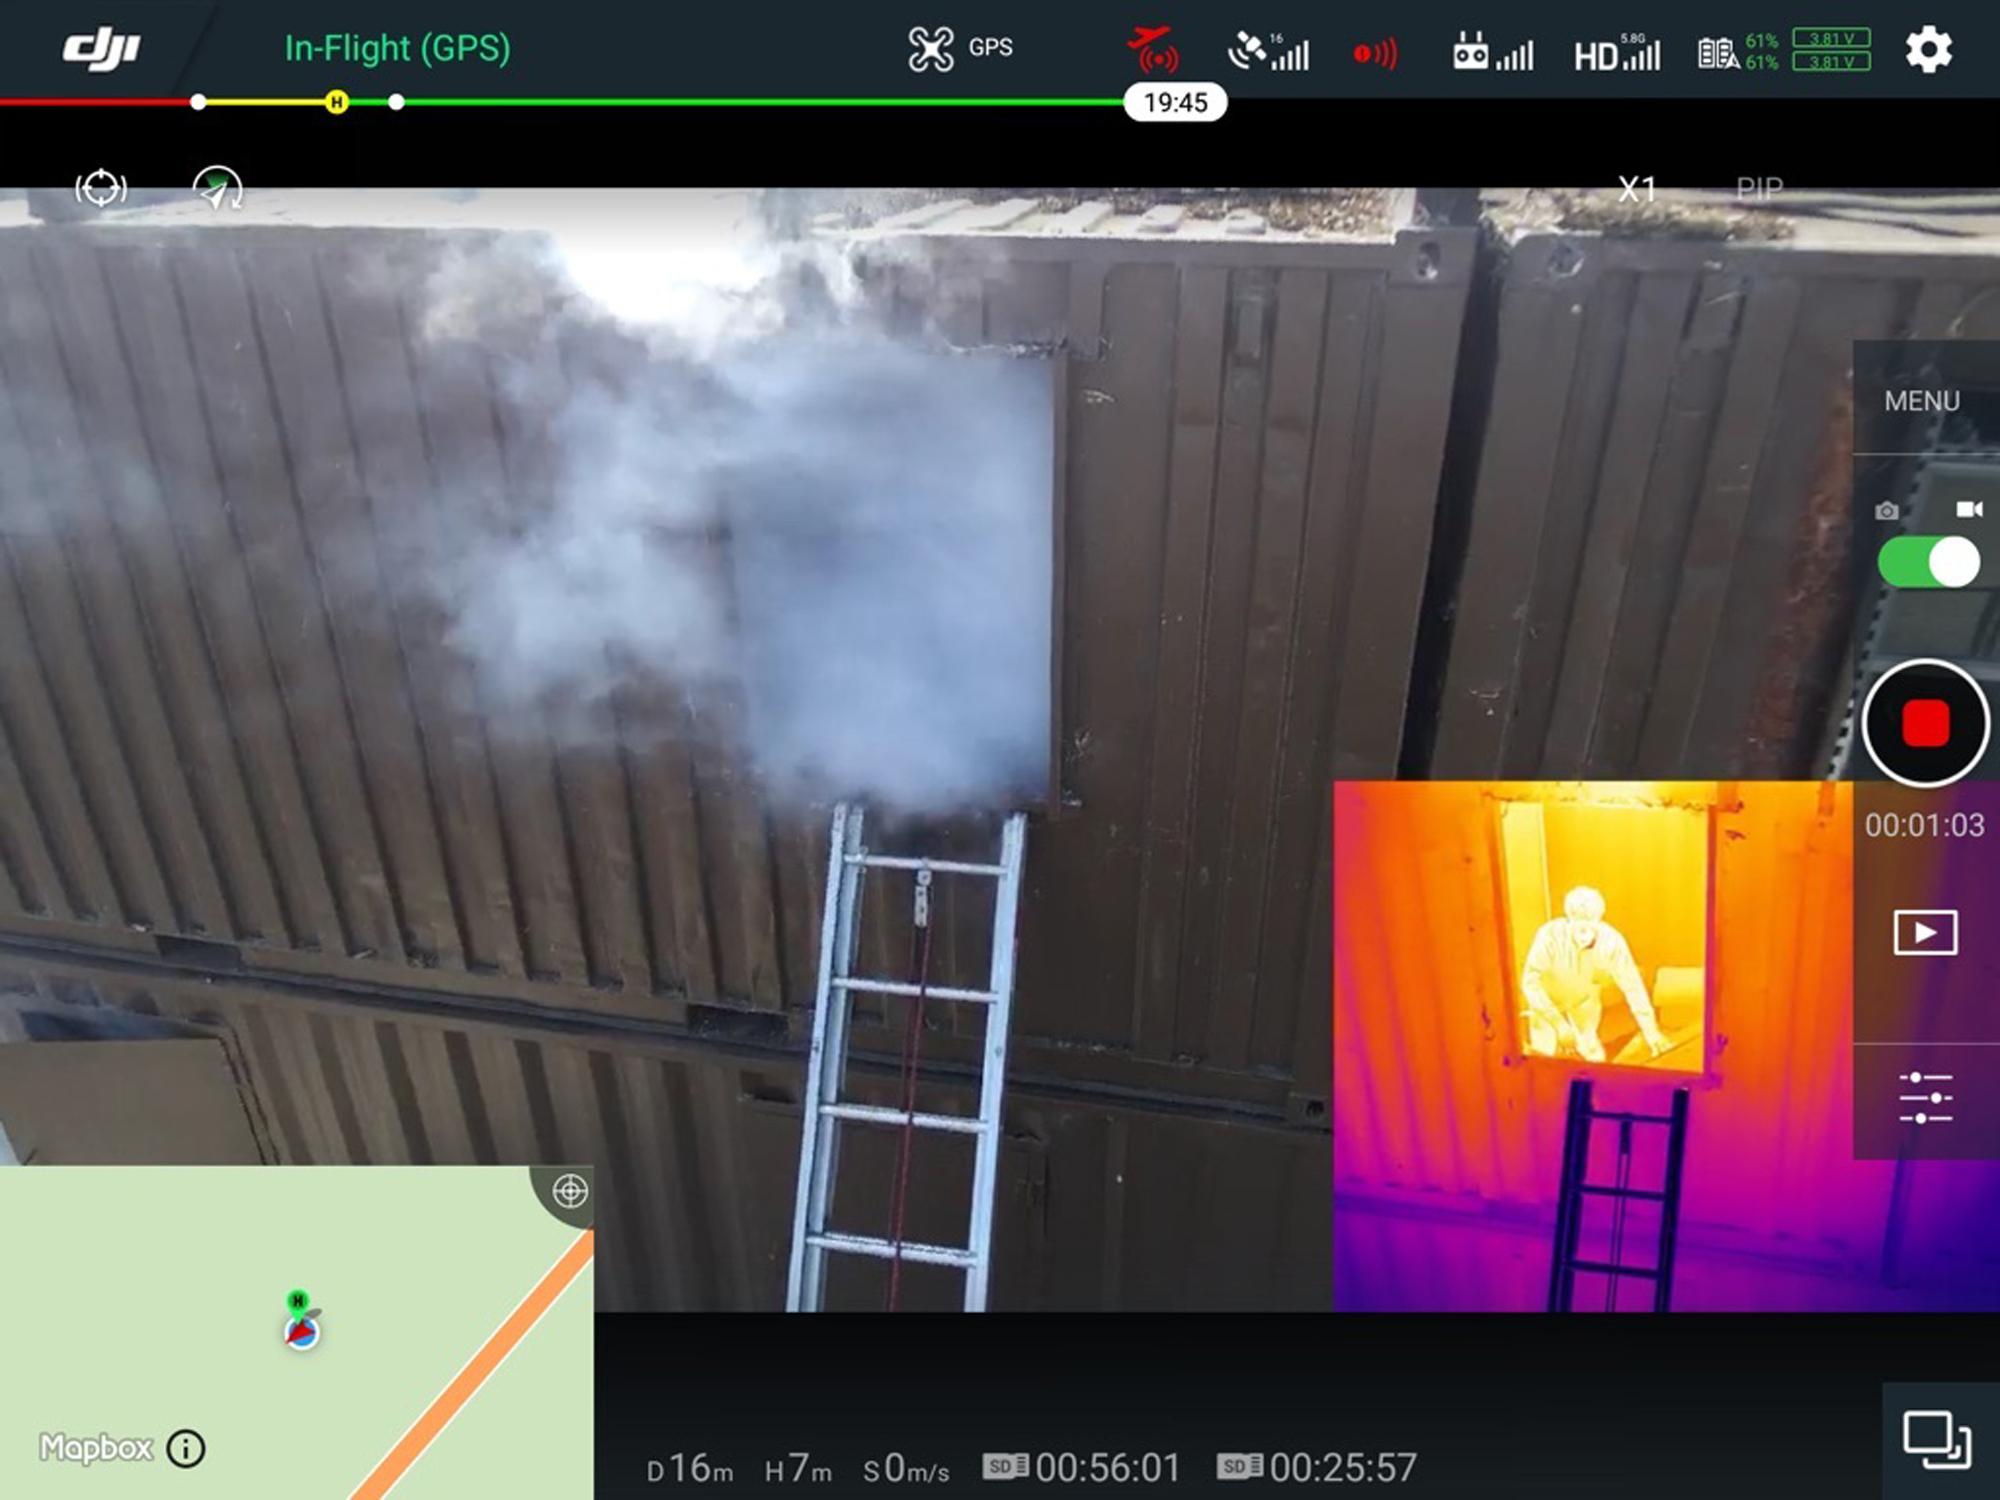 미국 캘리포니아주 멘로파크에서 DJI 드론이 훈련 중 촬영한 영상. 오른쪽 열영상 카메라에 잡힌 화면에 2층 연기가 뿜어져 나오는 창에 갇힌 사람의 모습이 나타나고 있다. [AFP=연합뉴스]